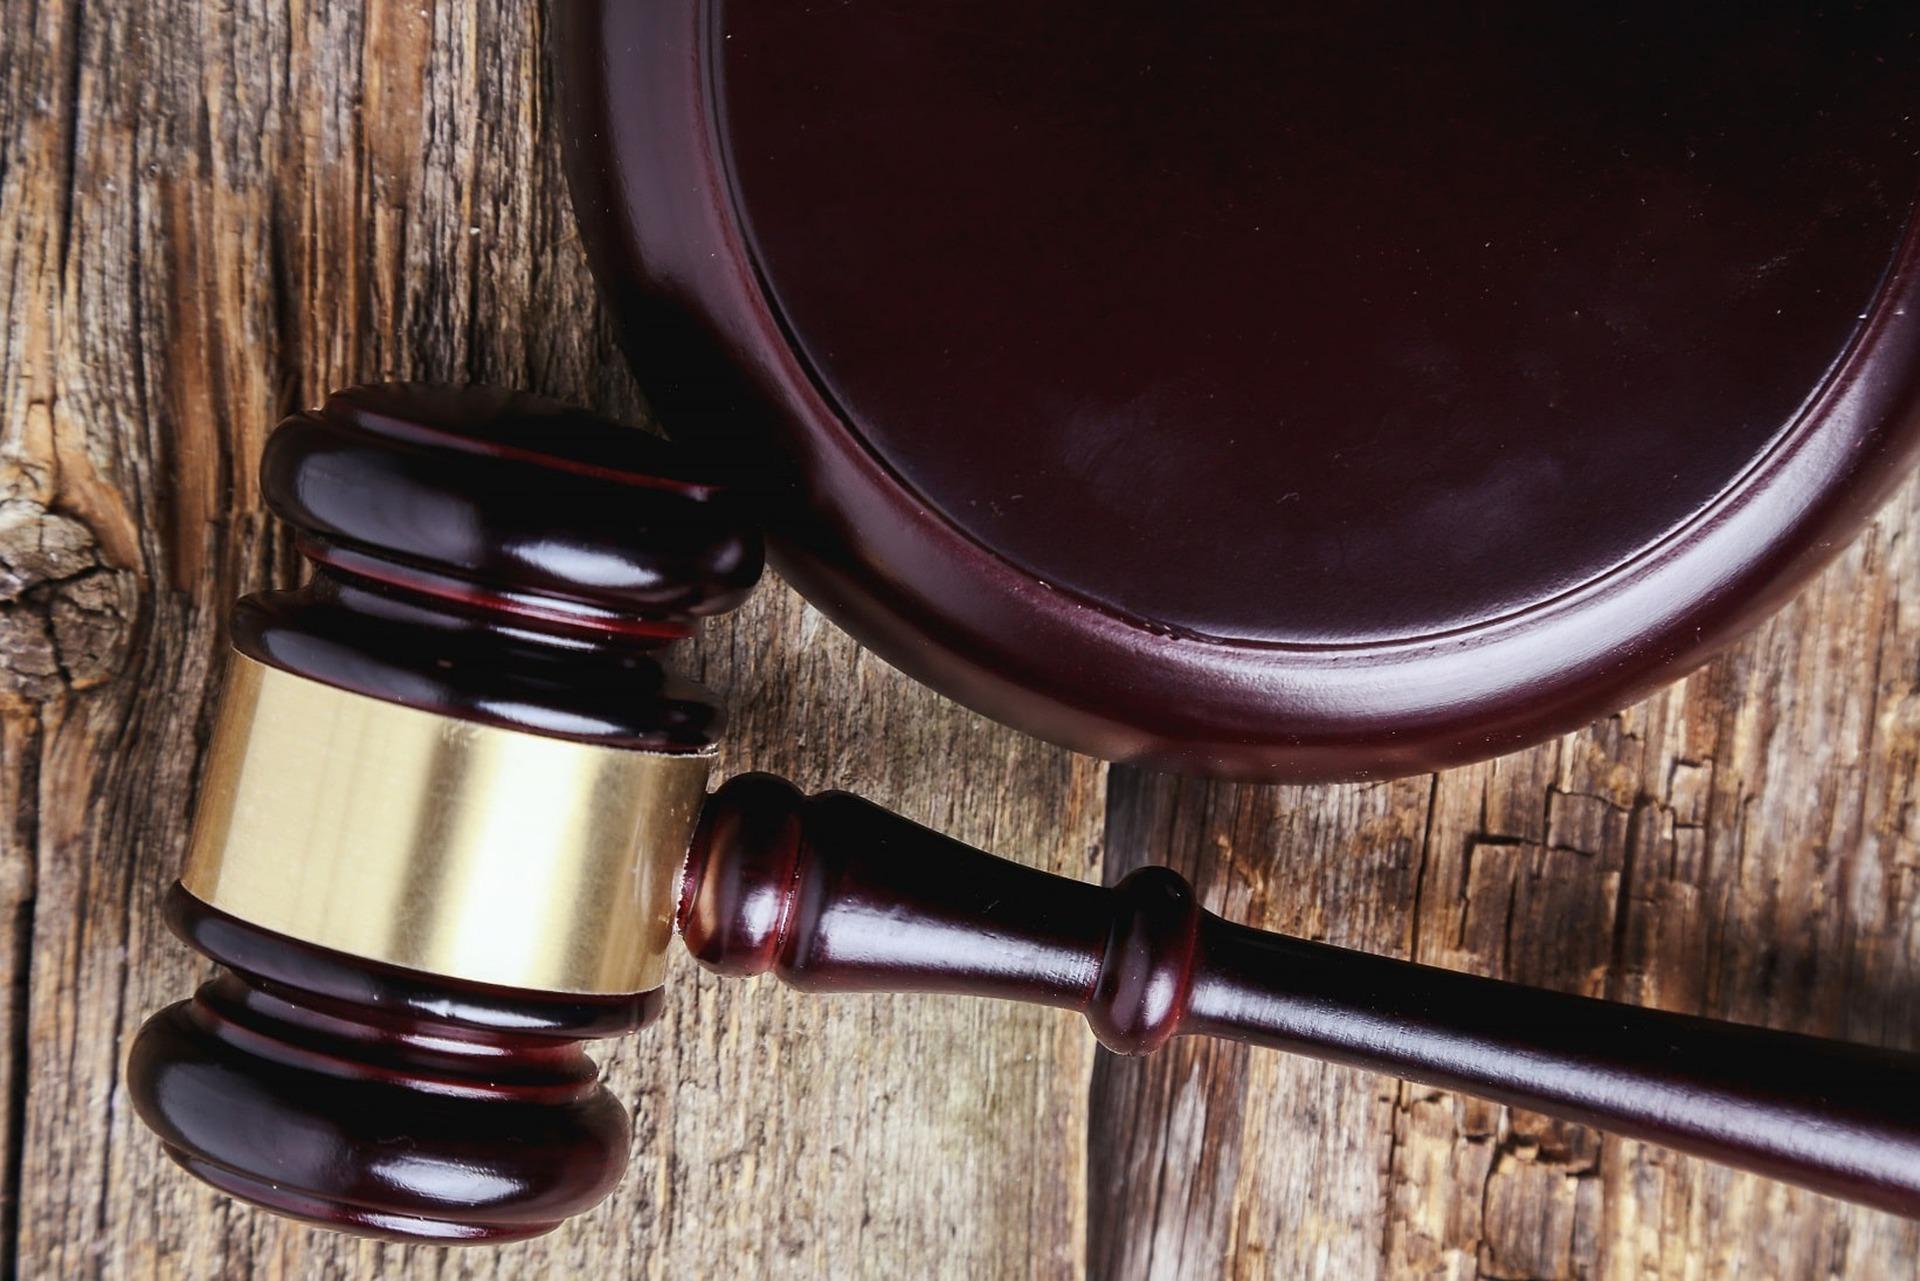 Divorcio en USA, Mediación y Divorcio Colaborativo